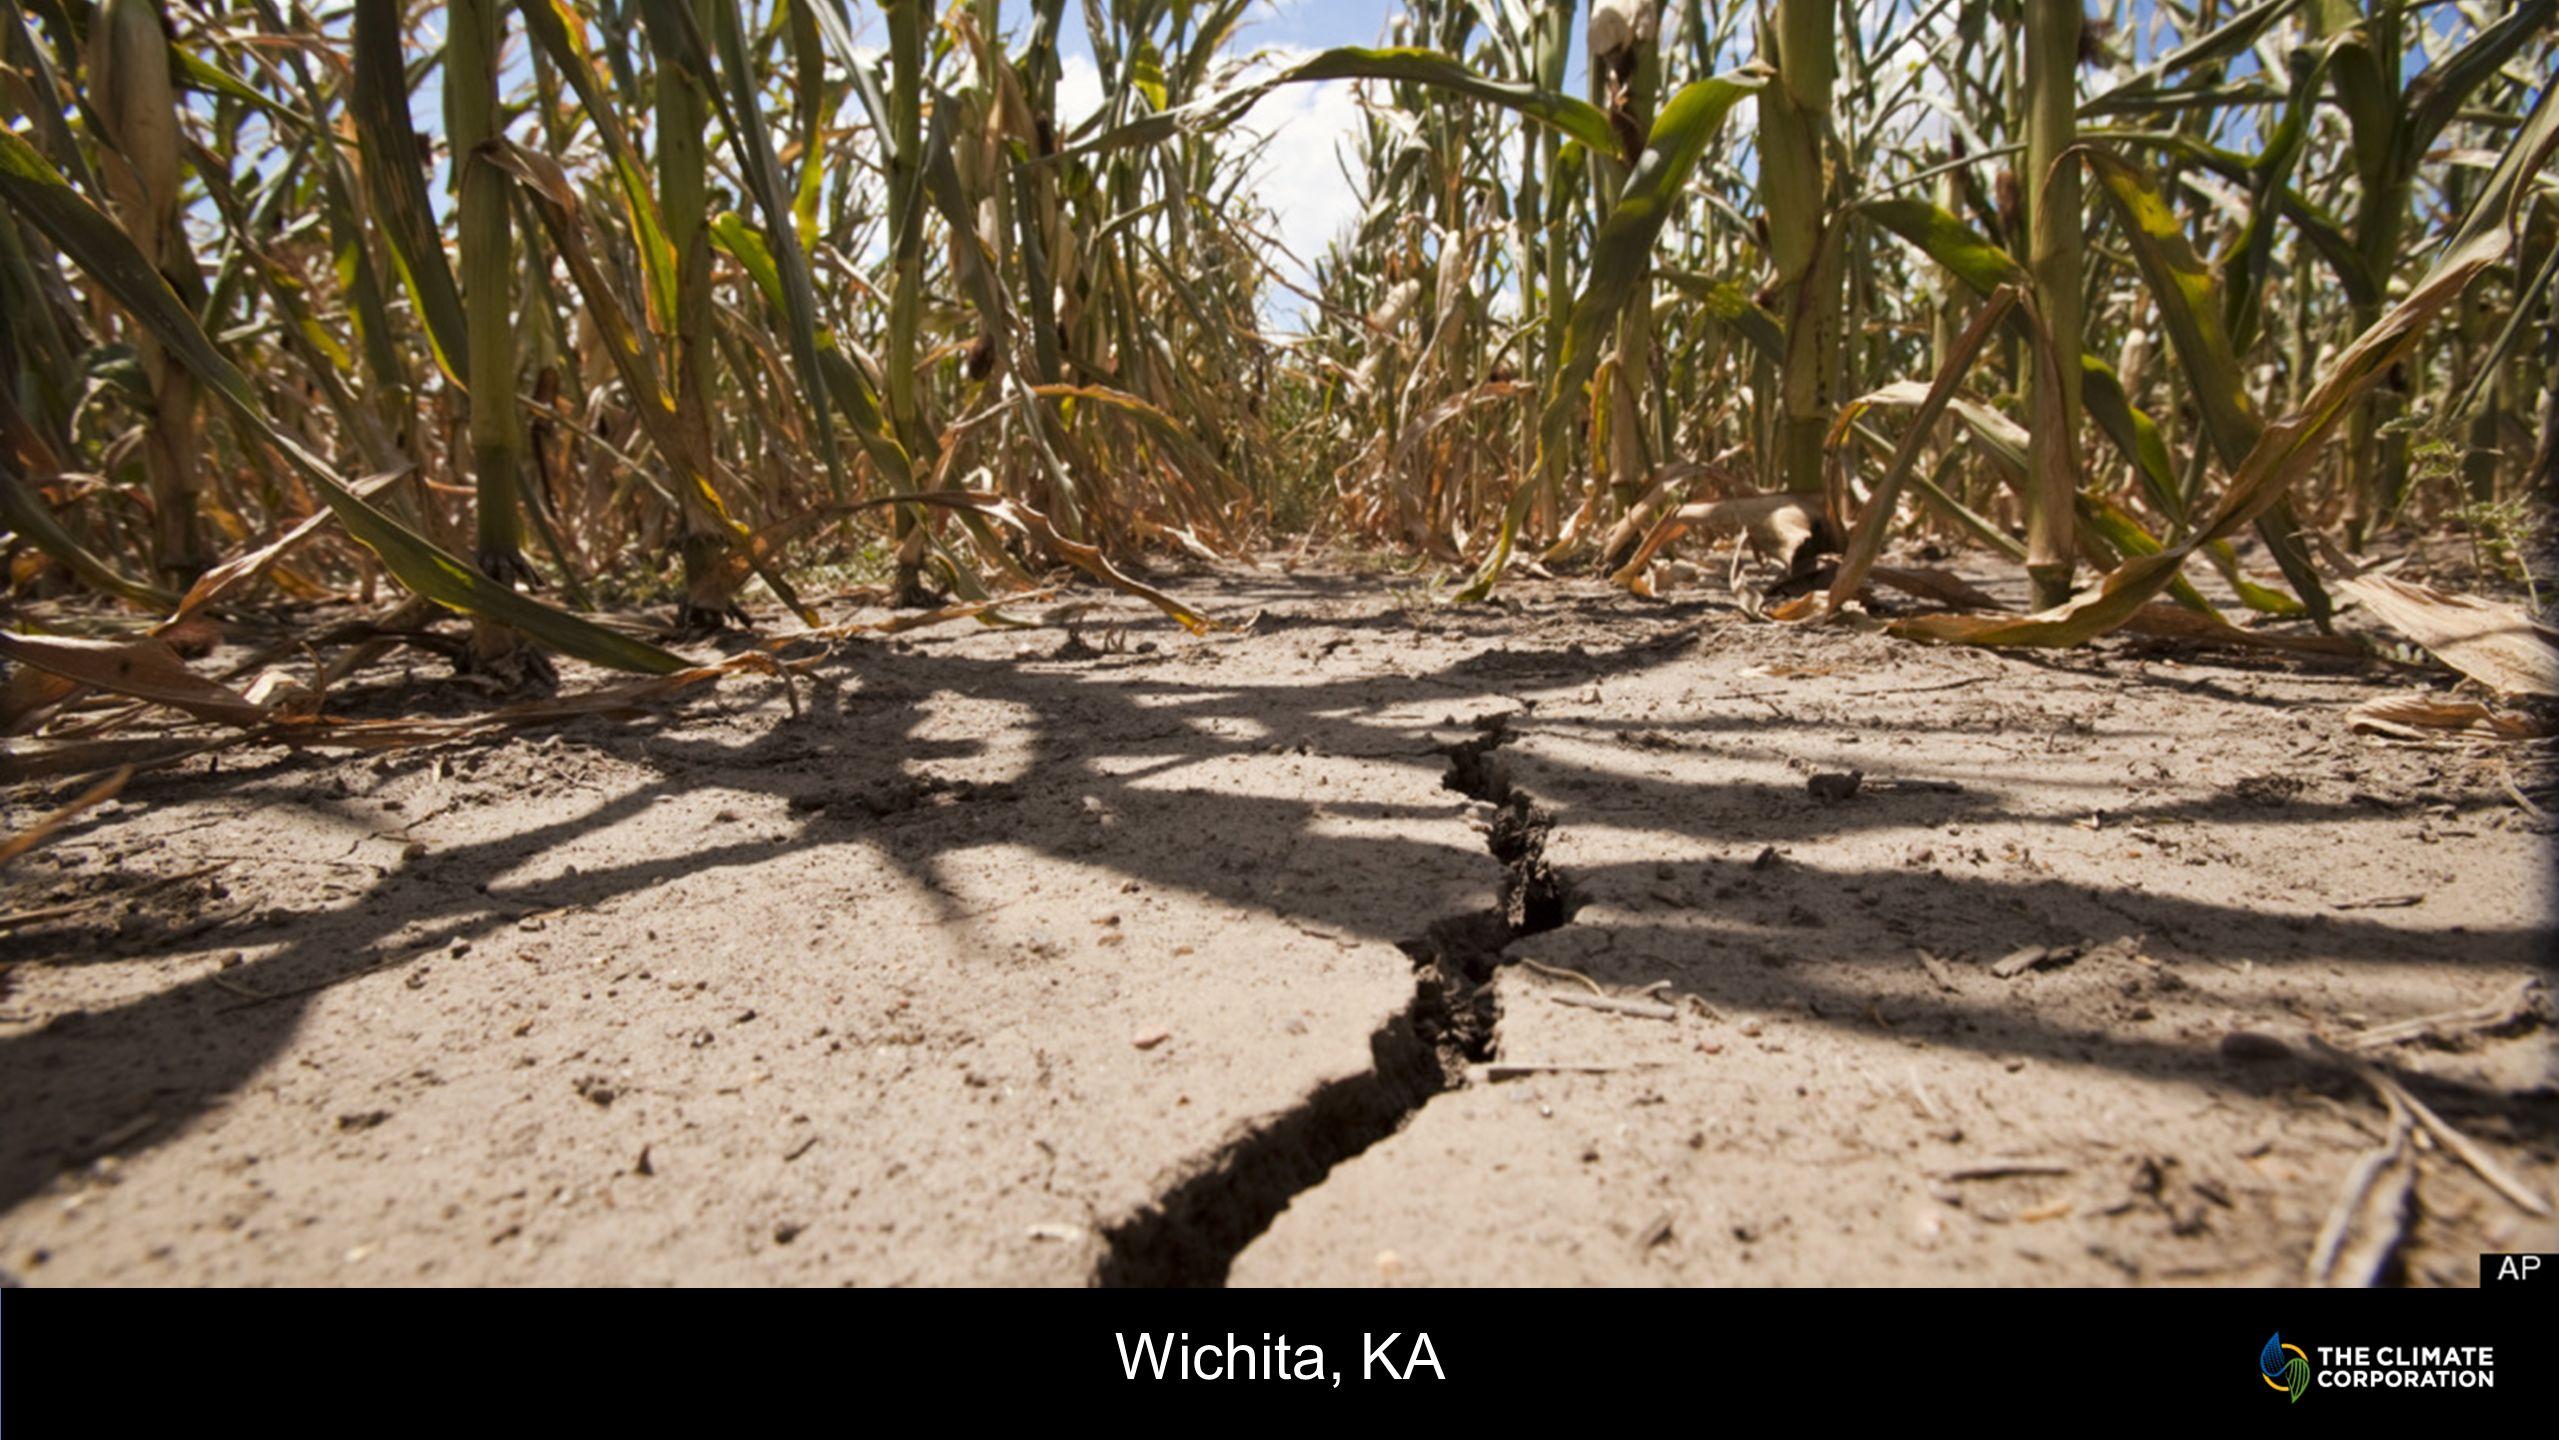 Wichita, KA